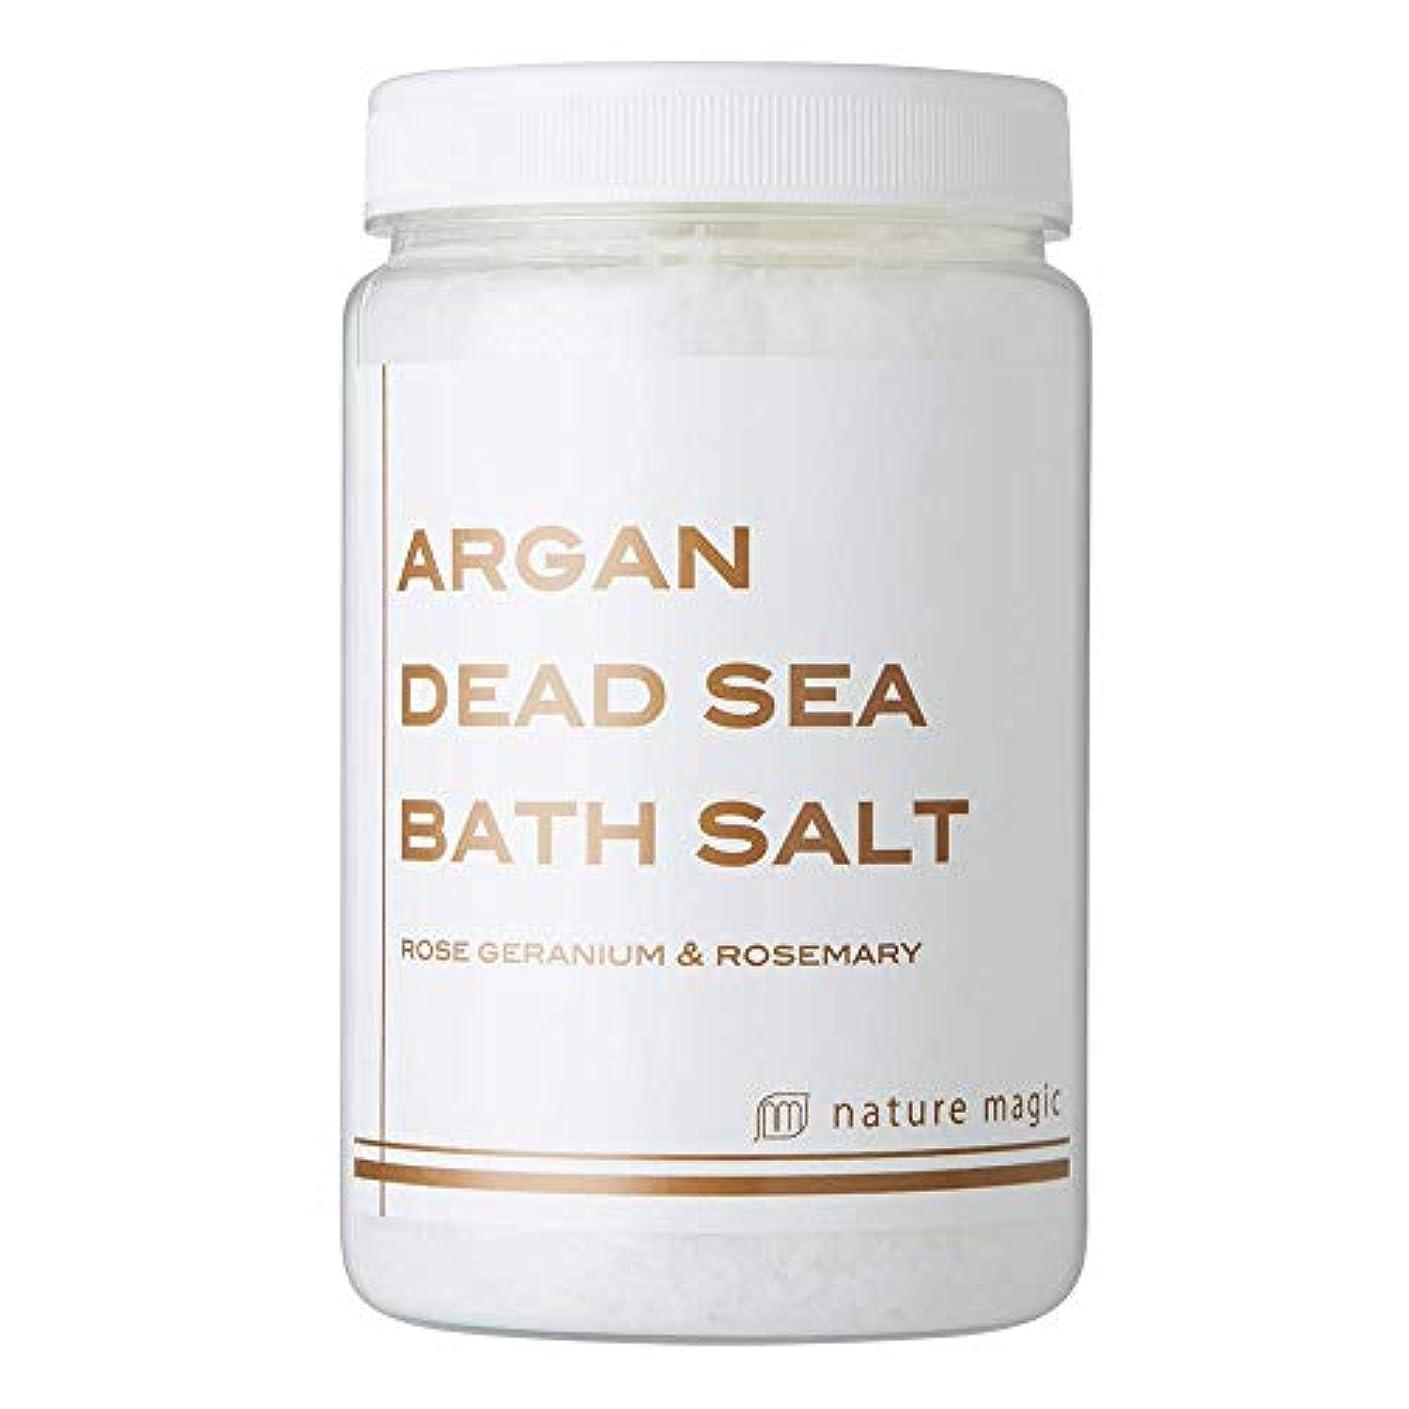 【死海の天然塩にアルガンオイルを配合した全身ポカポカ、お肌つるつる入浴剤】アルガンデッドシーバスソルト